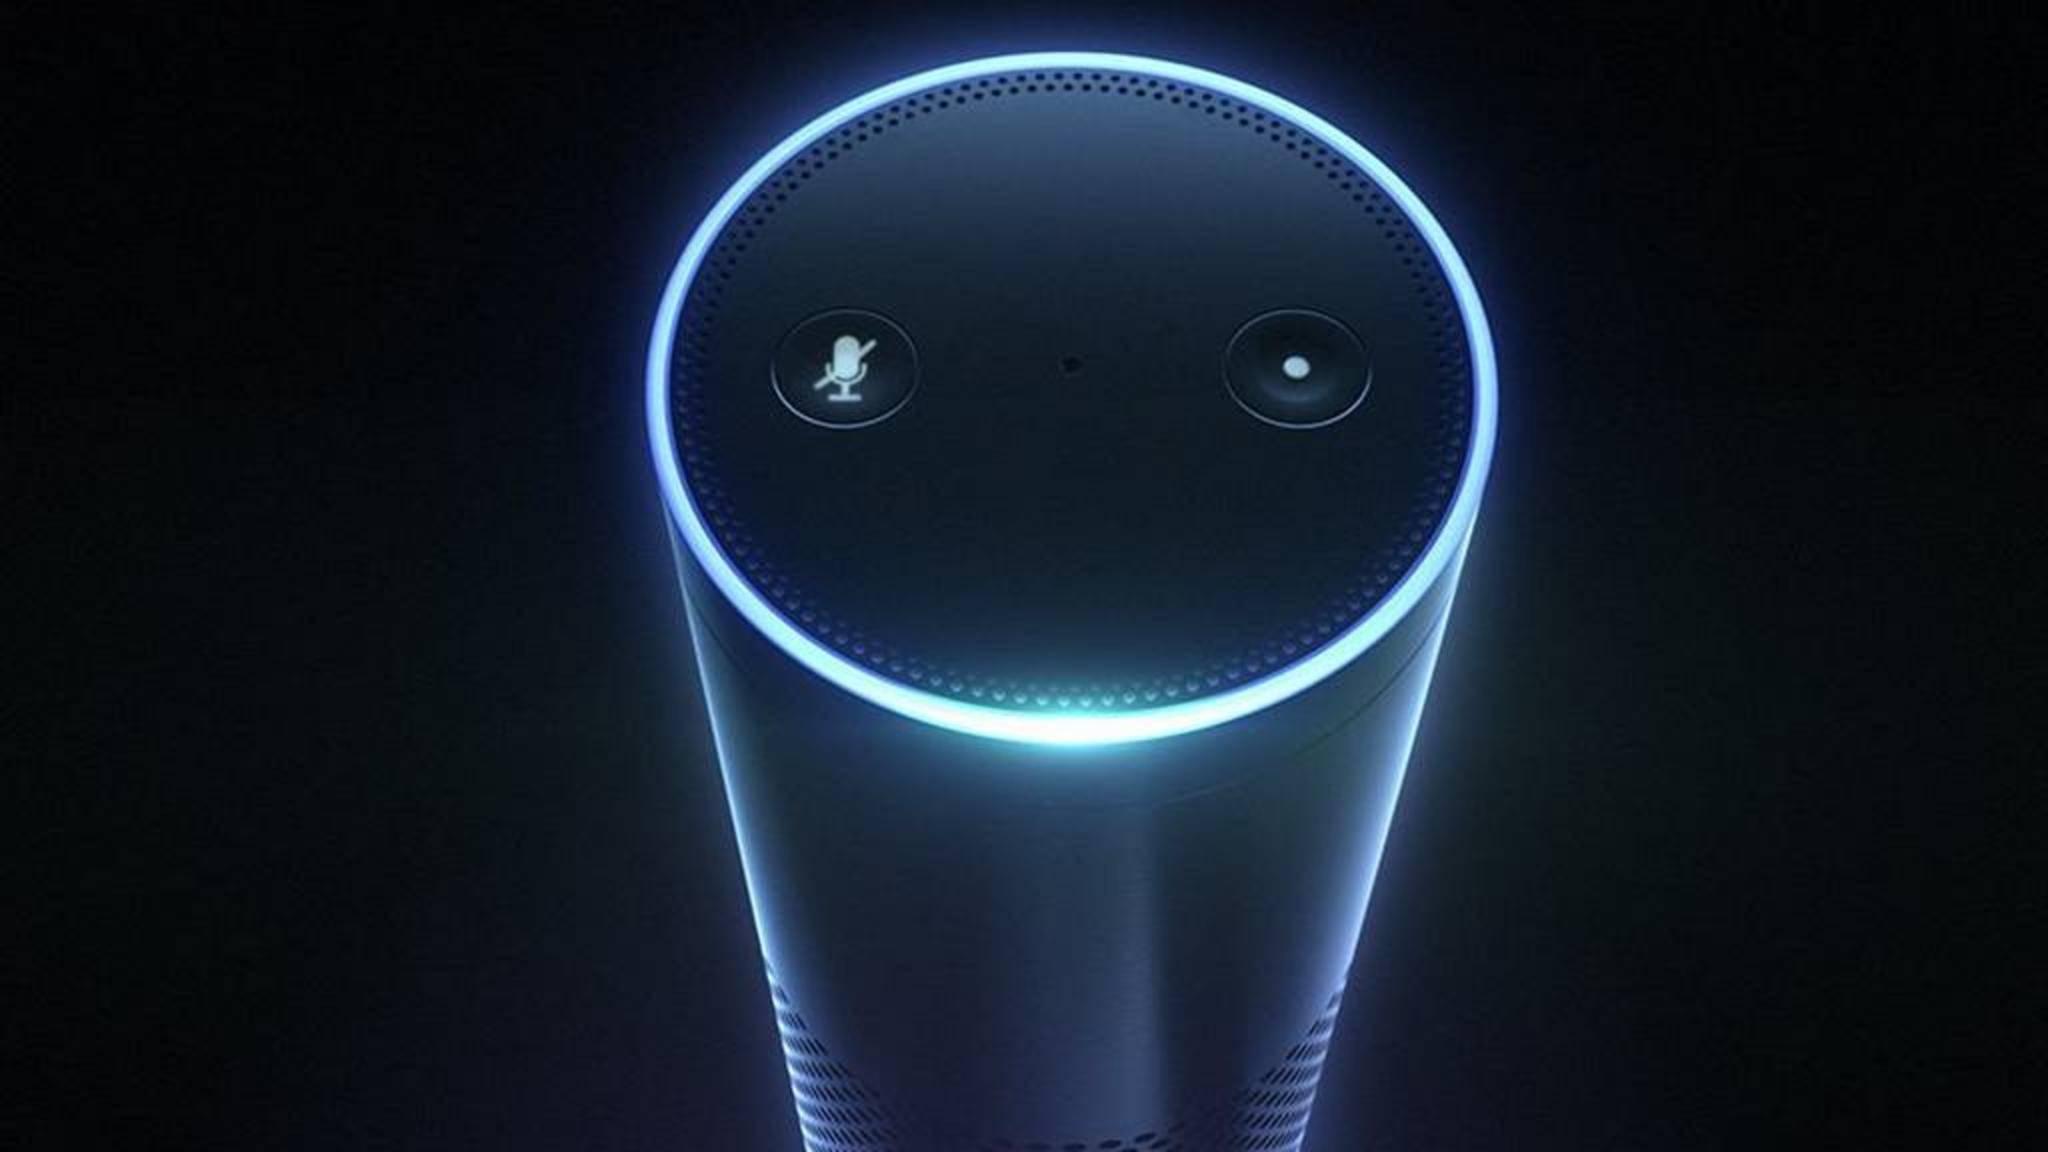 Amazons Echo-Lautsprecher hört mit, um die virtuelle Assistentin Alexa zu steuern. Das könnte Ermittlern bei einem Mordfall zugute kommen.